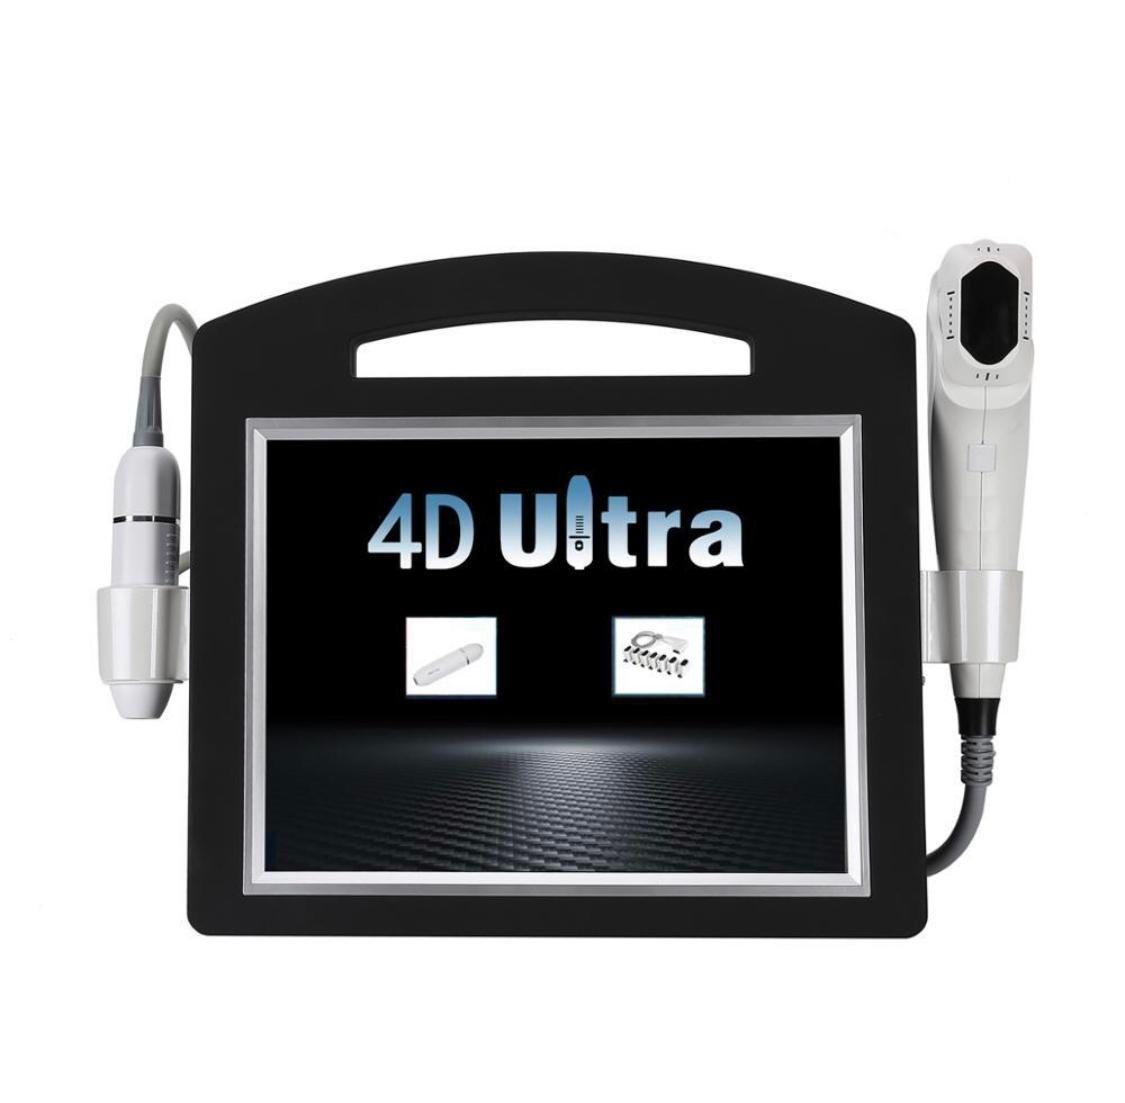 2020 جديد 4D HIFU خراطيش 20000 طلقات عالية الكثافة تركز الموجات فوق الصوتية آلة hifu الوجه الوجه رفع التجاعيد إزالة الجسم التخسيس